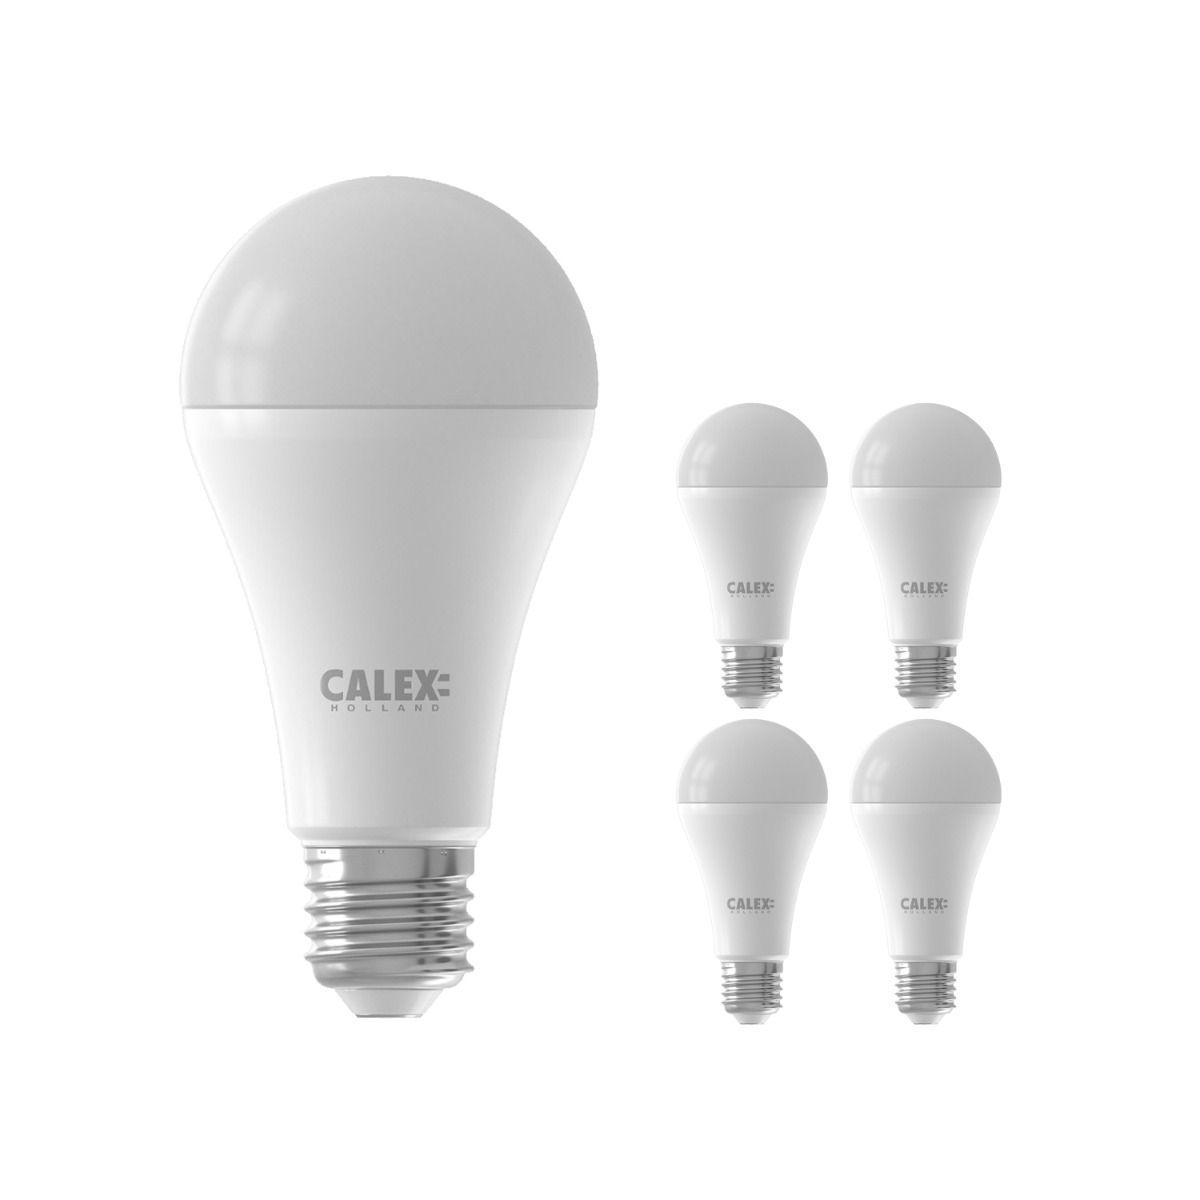 Voordeelpak 5x Calex Smart Standaard LED Lamp E27 14W 1400lm 2200-4000K | Tuya Wifi - Afstembaar Wit